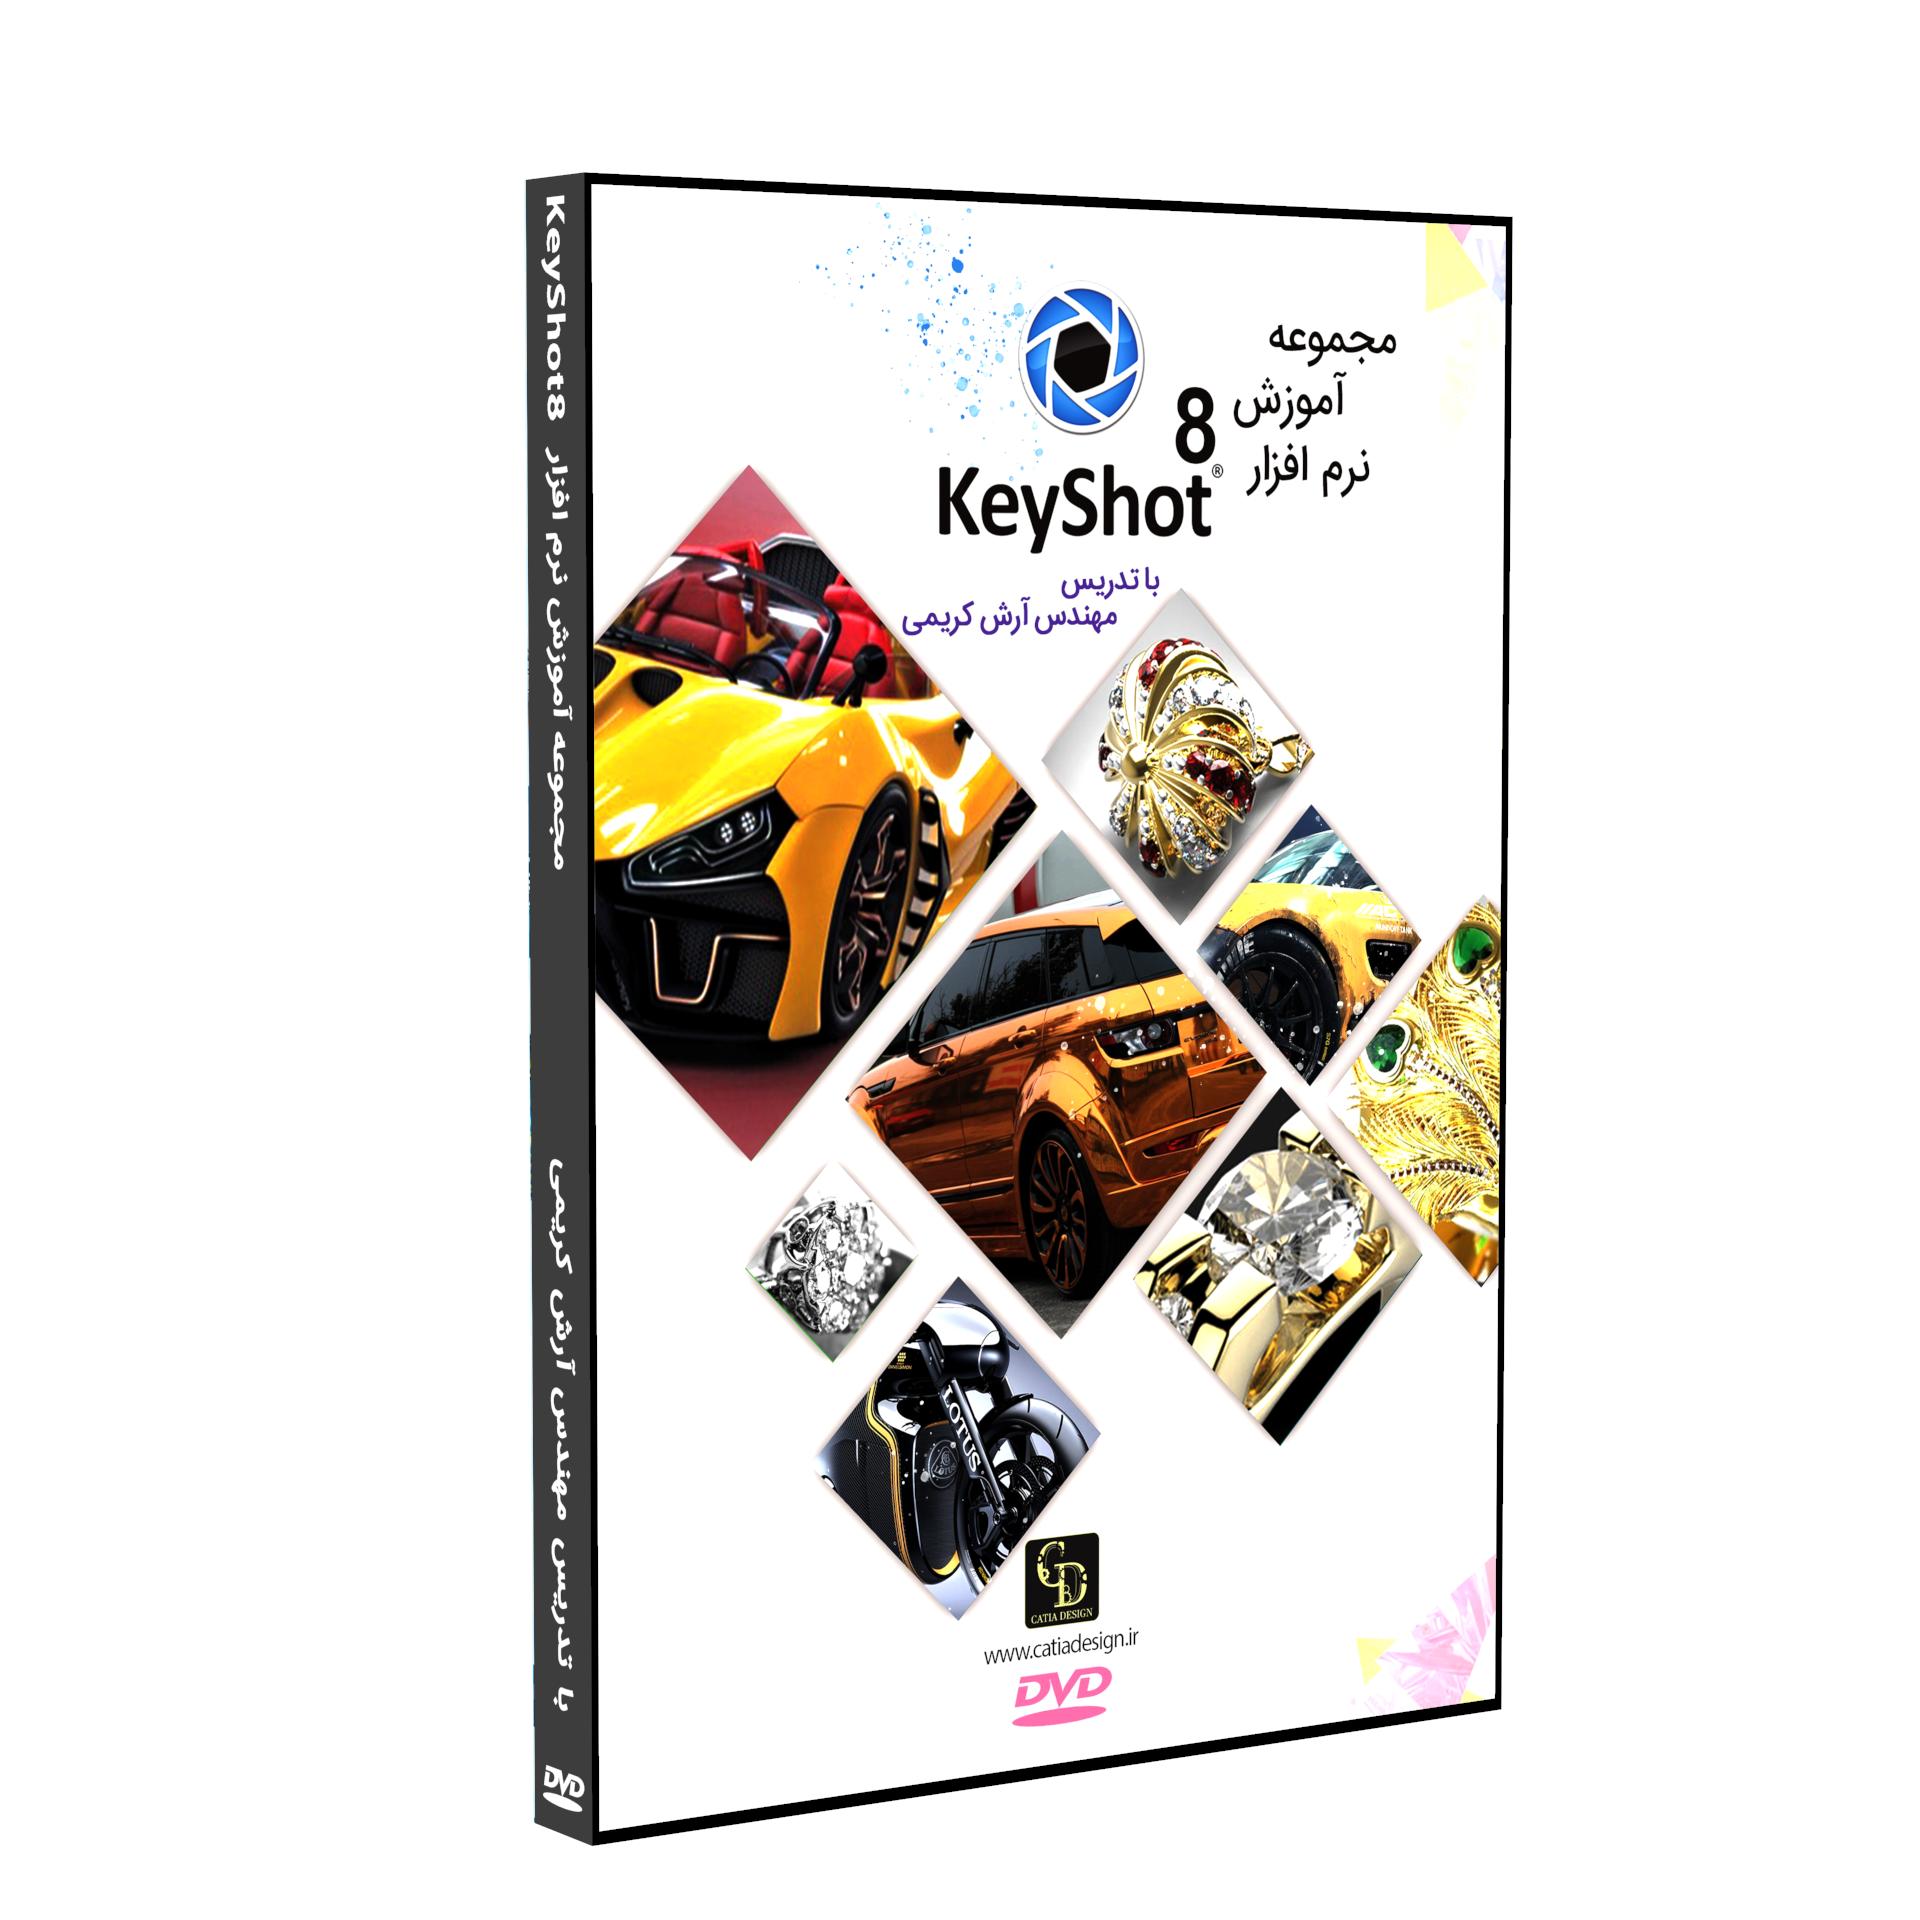 سفارش پکیج آموزش نرم افزار کی شات Keyshot